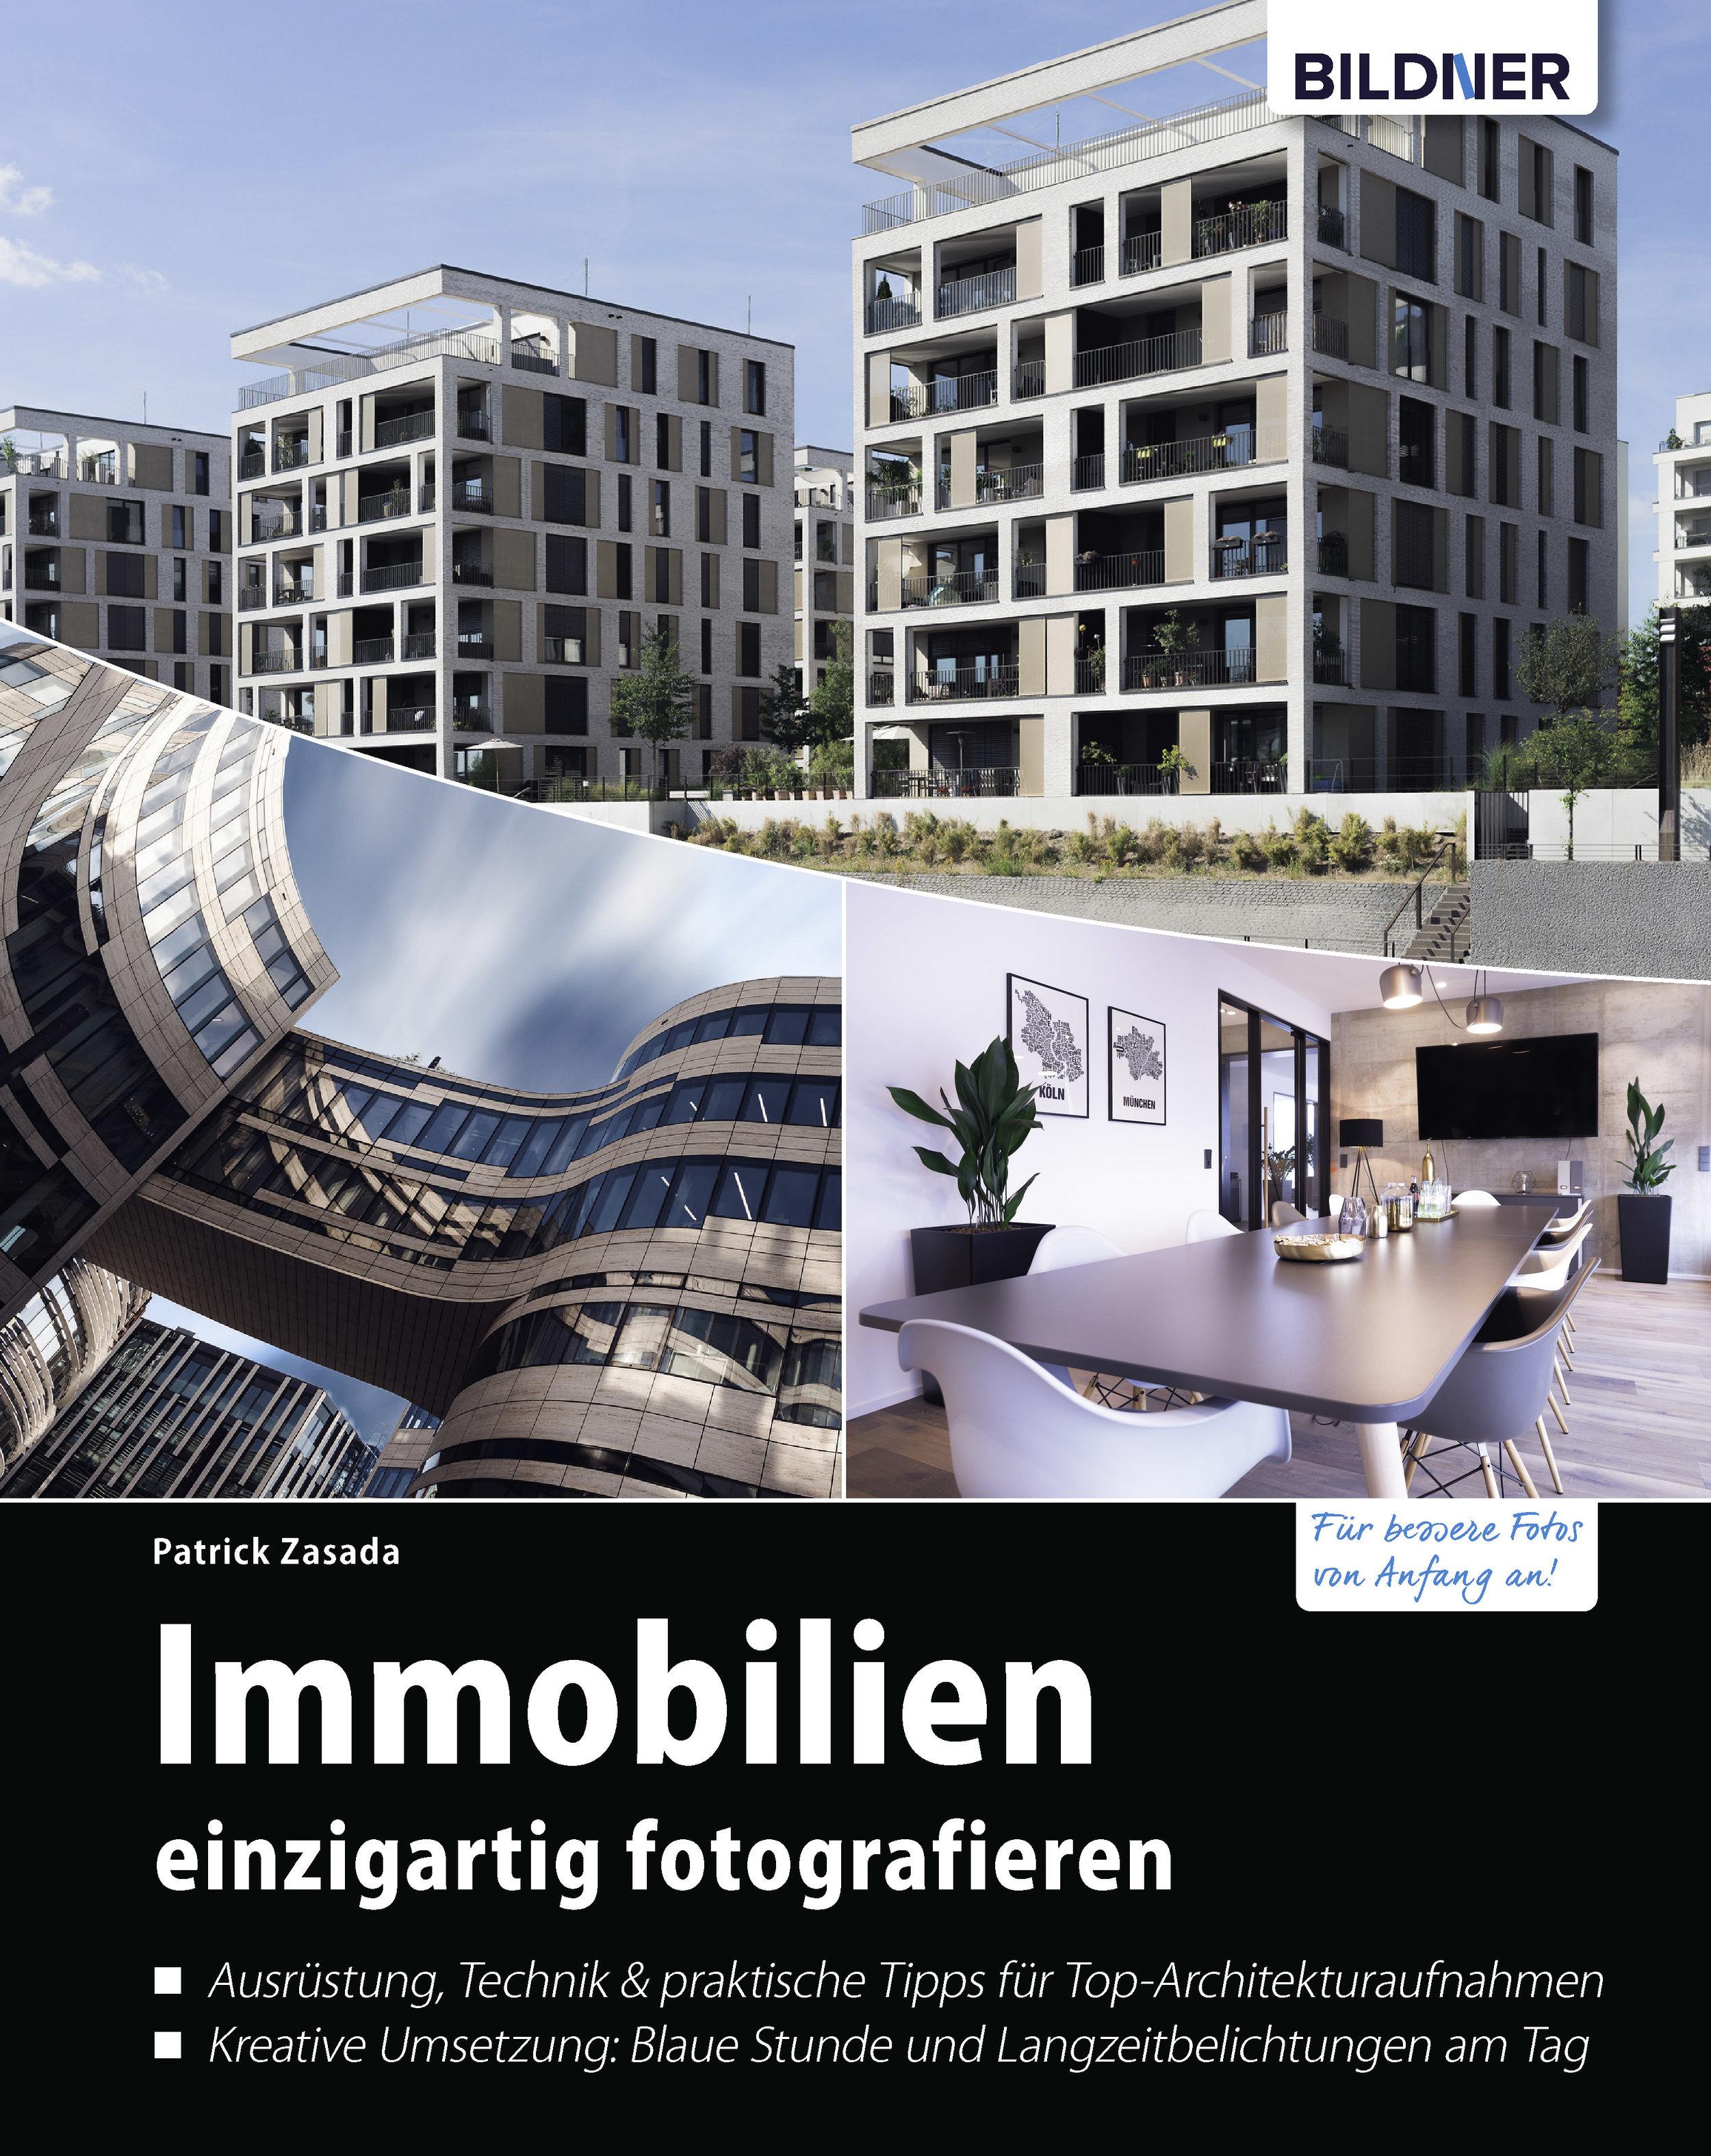 Das  Buch zur Immobilienfotografie  für Makler von Patrick Zasada (Bildner Verlag, 2019)